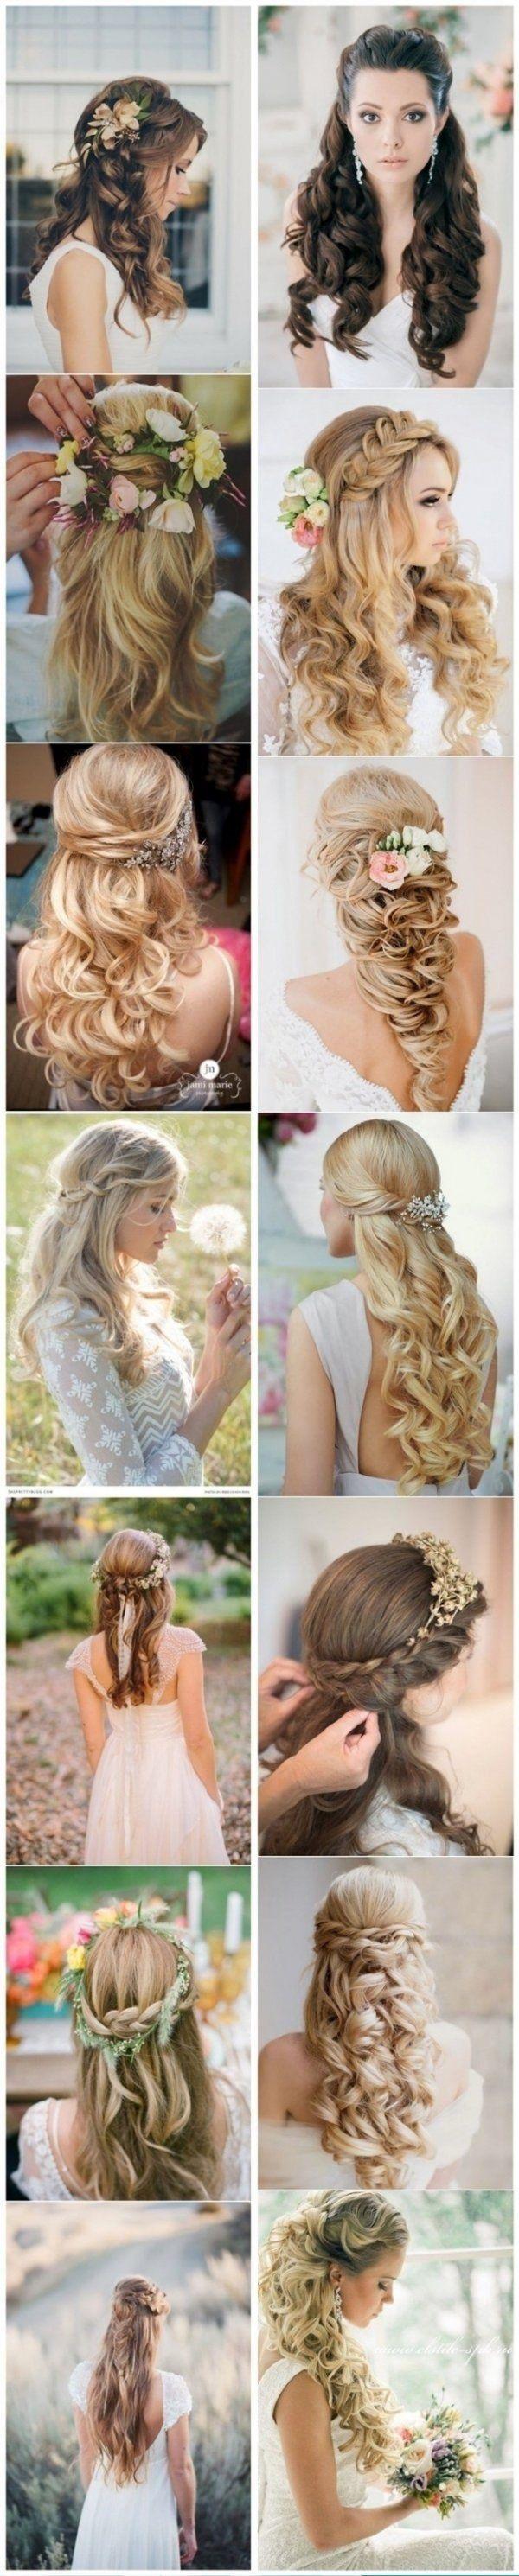 Super fryzurki na ślub i nie tylko...ROMANTYCZNY LOOK <3